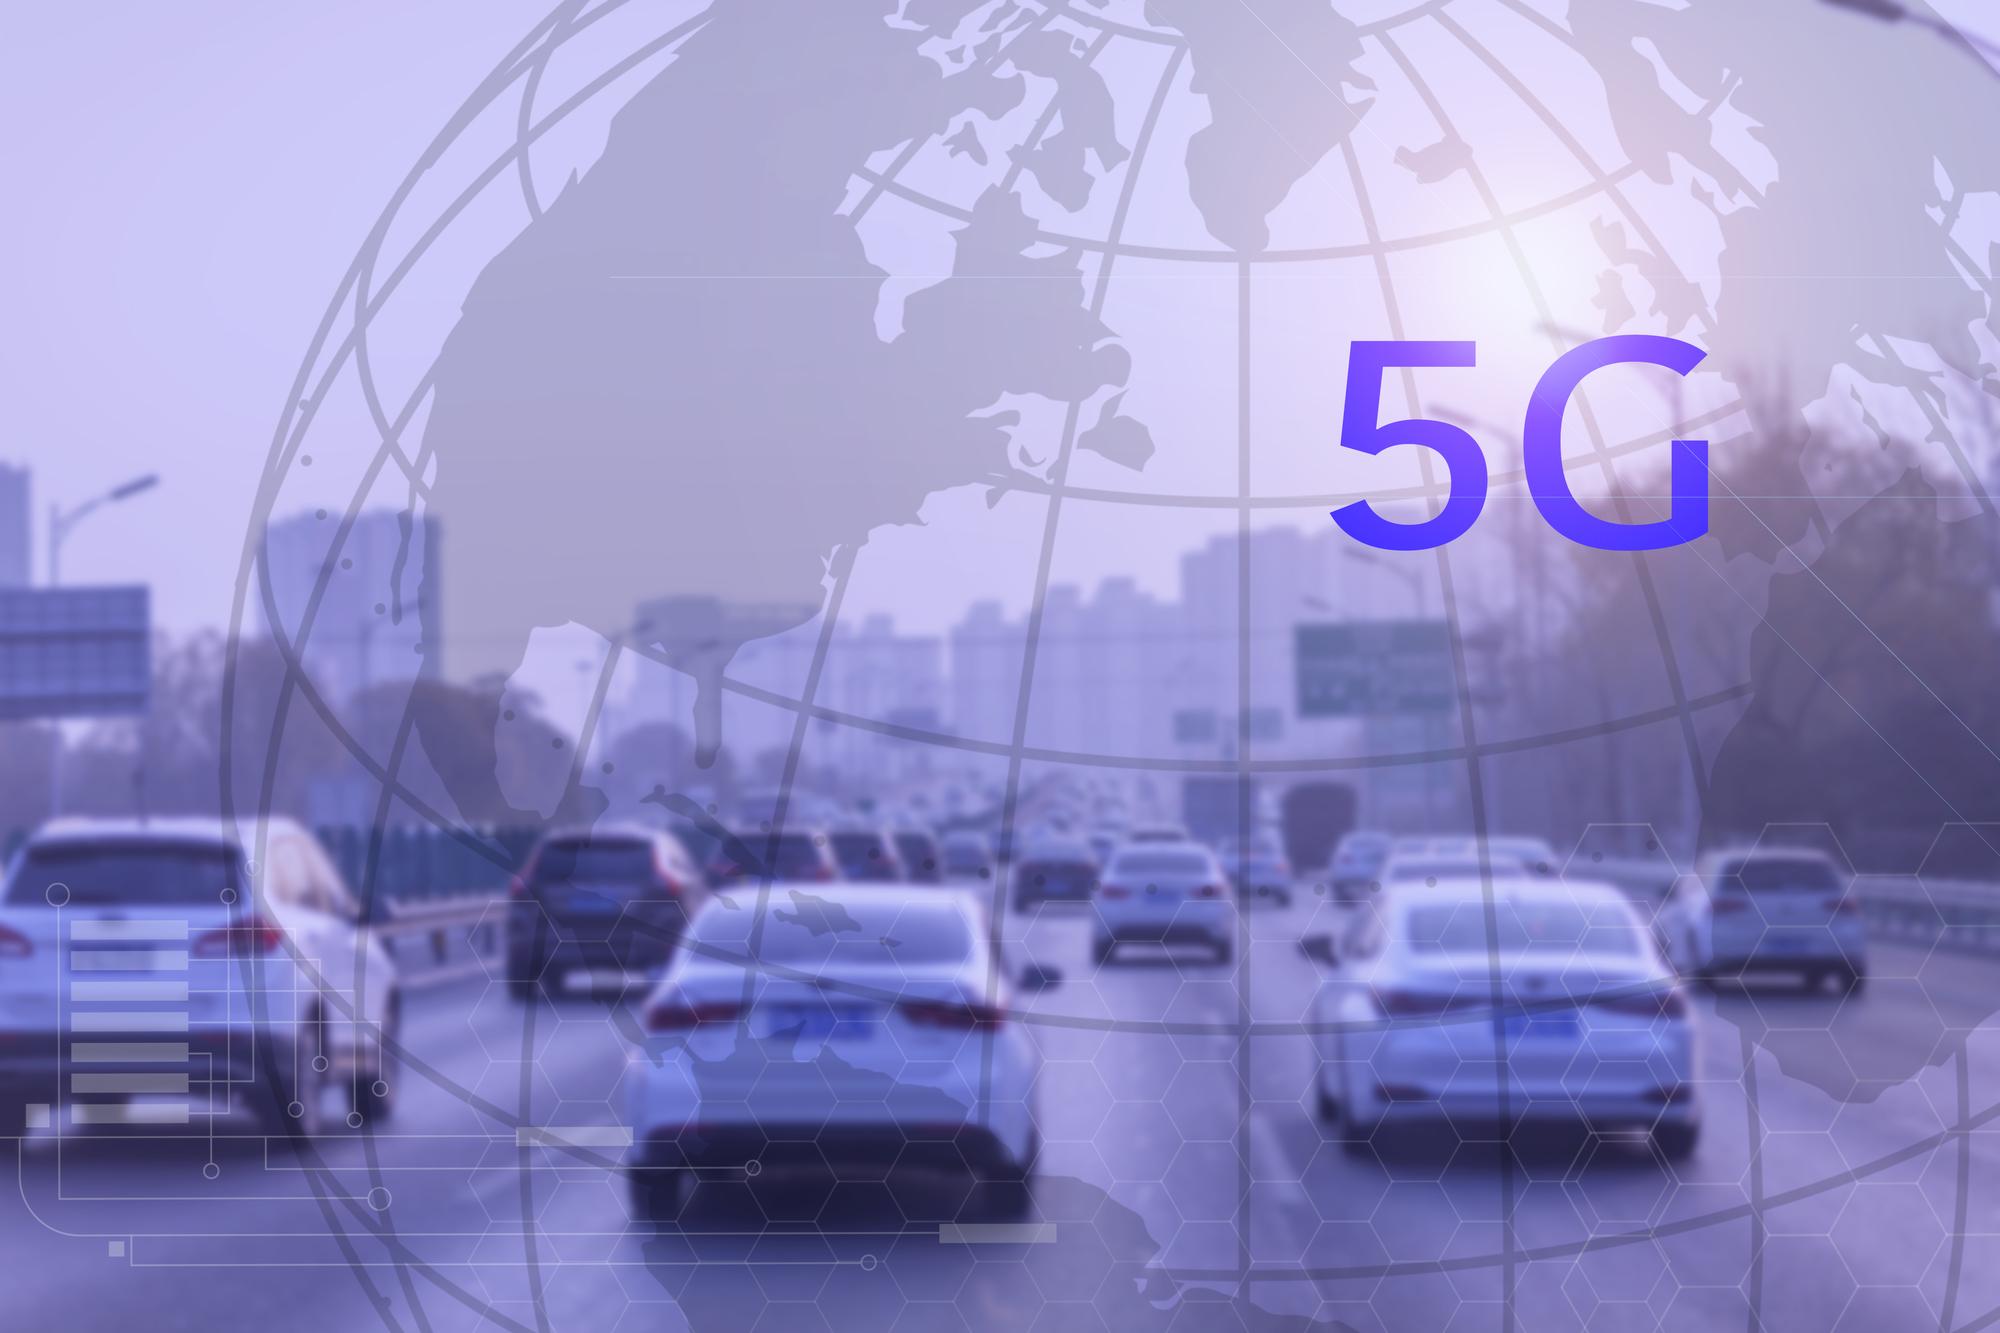 【5Gはどうなる?】ファーウェイ製通信機器の取引停止による影響のアイキャッチイメージ